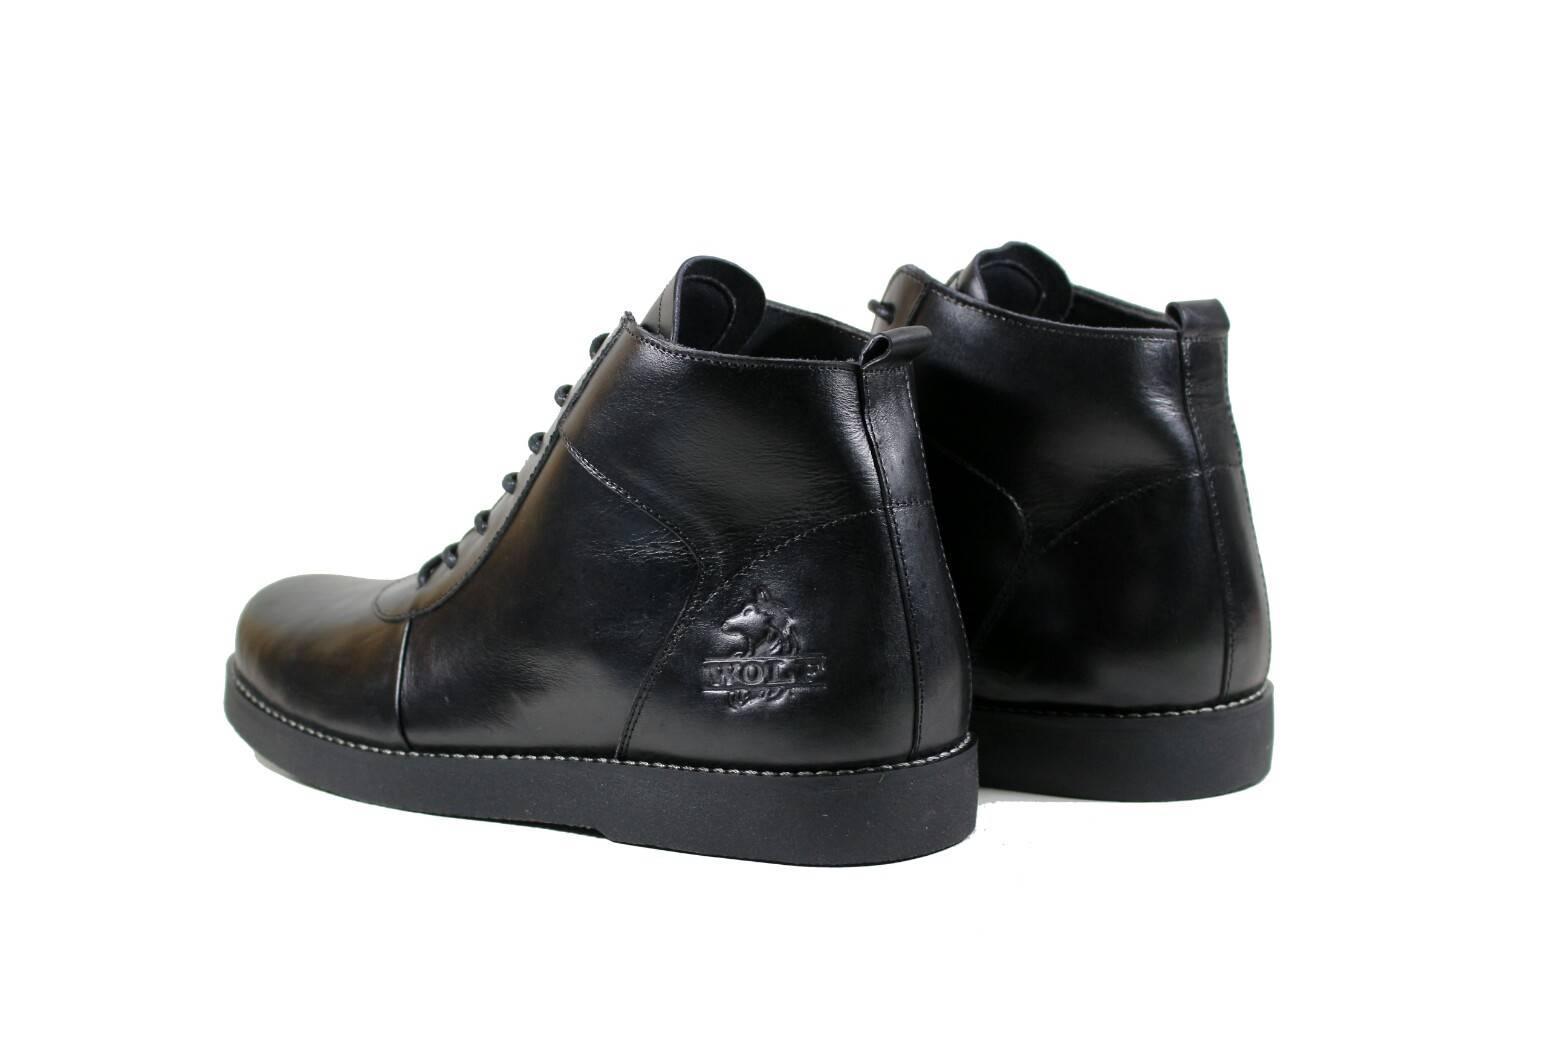 ... Sepatu Kulit Pria - Sepato Boots Pria - Sepatu Boots Brodo Pria Wolf -  Sepatu Kulit ... f8ddf65a21